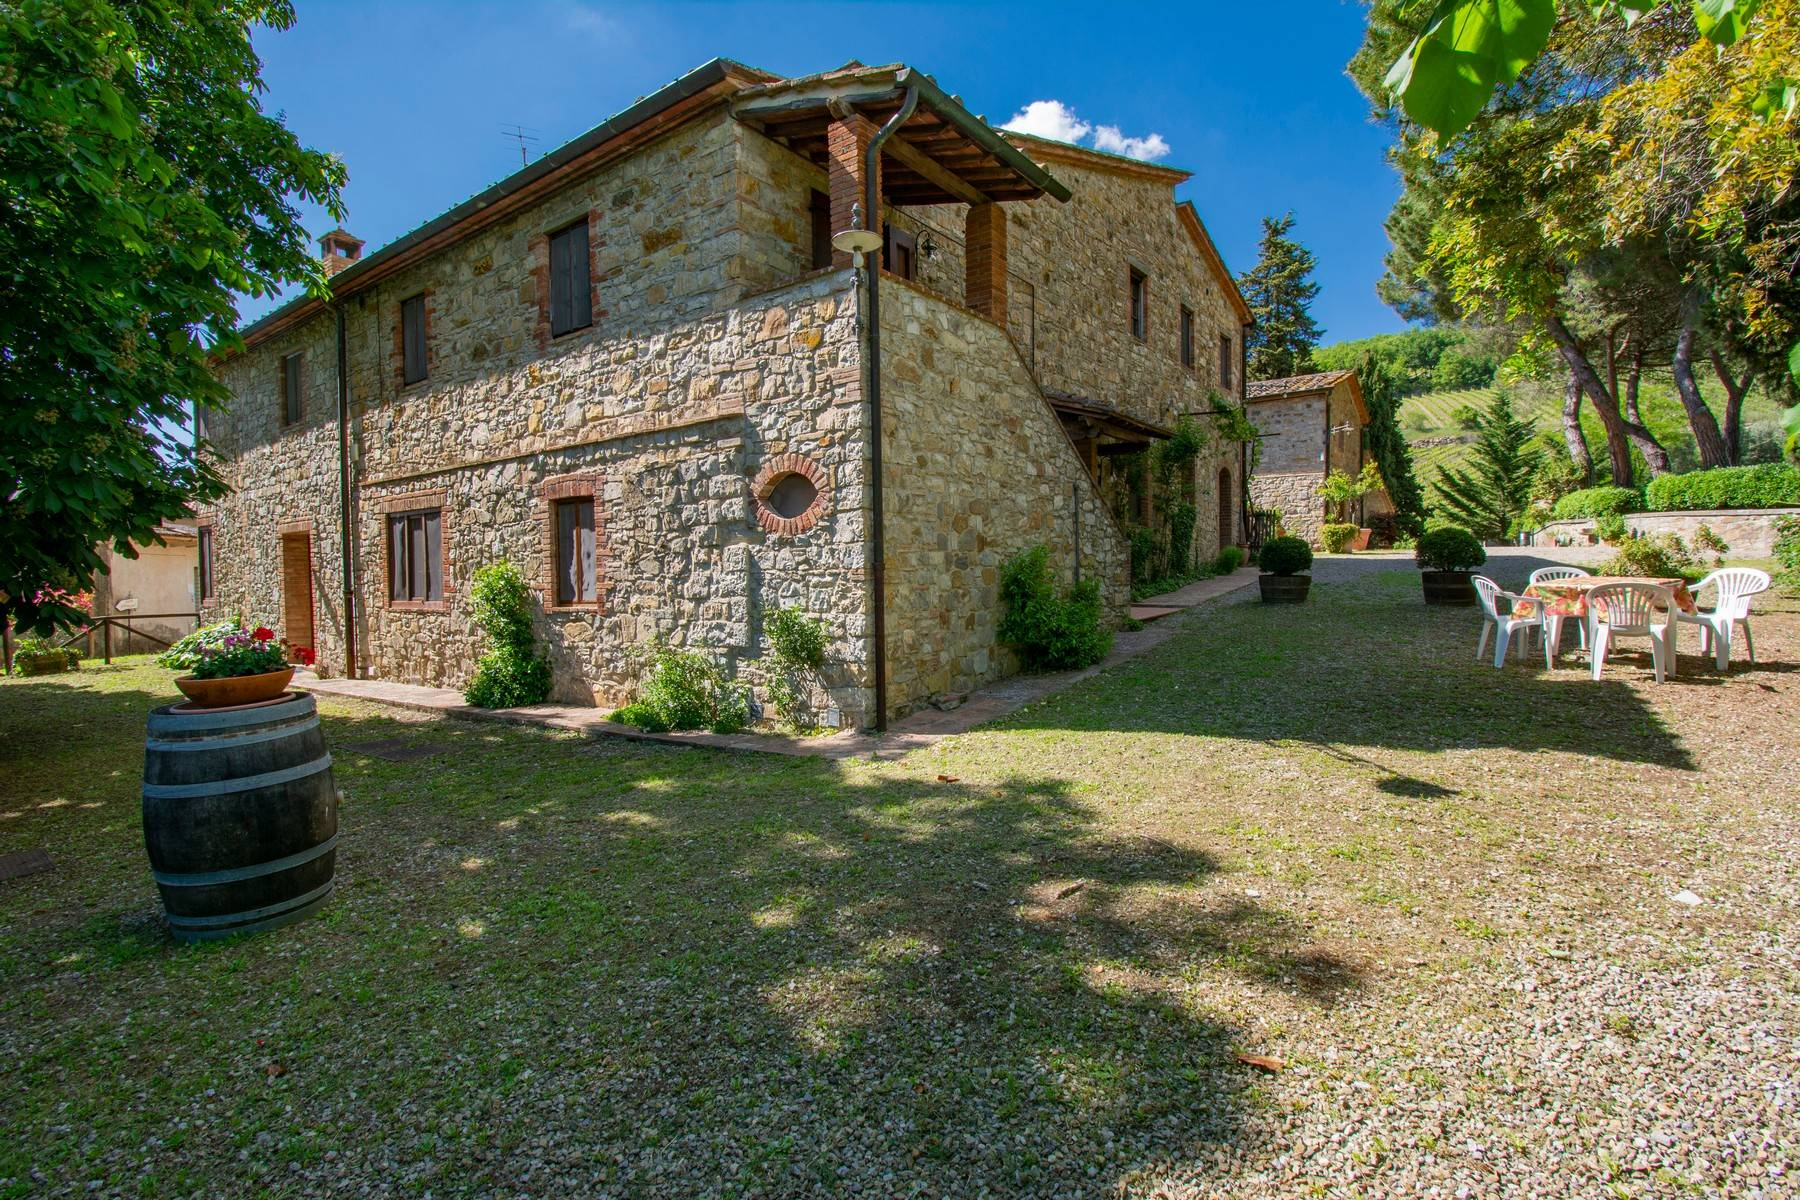 Esclusive wine estate in the heart of Chianti classico - 25